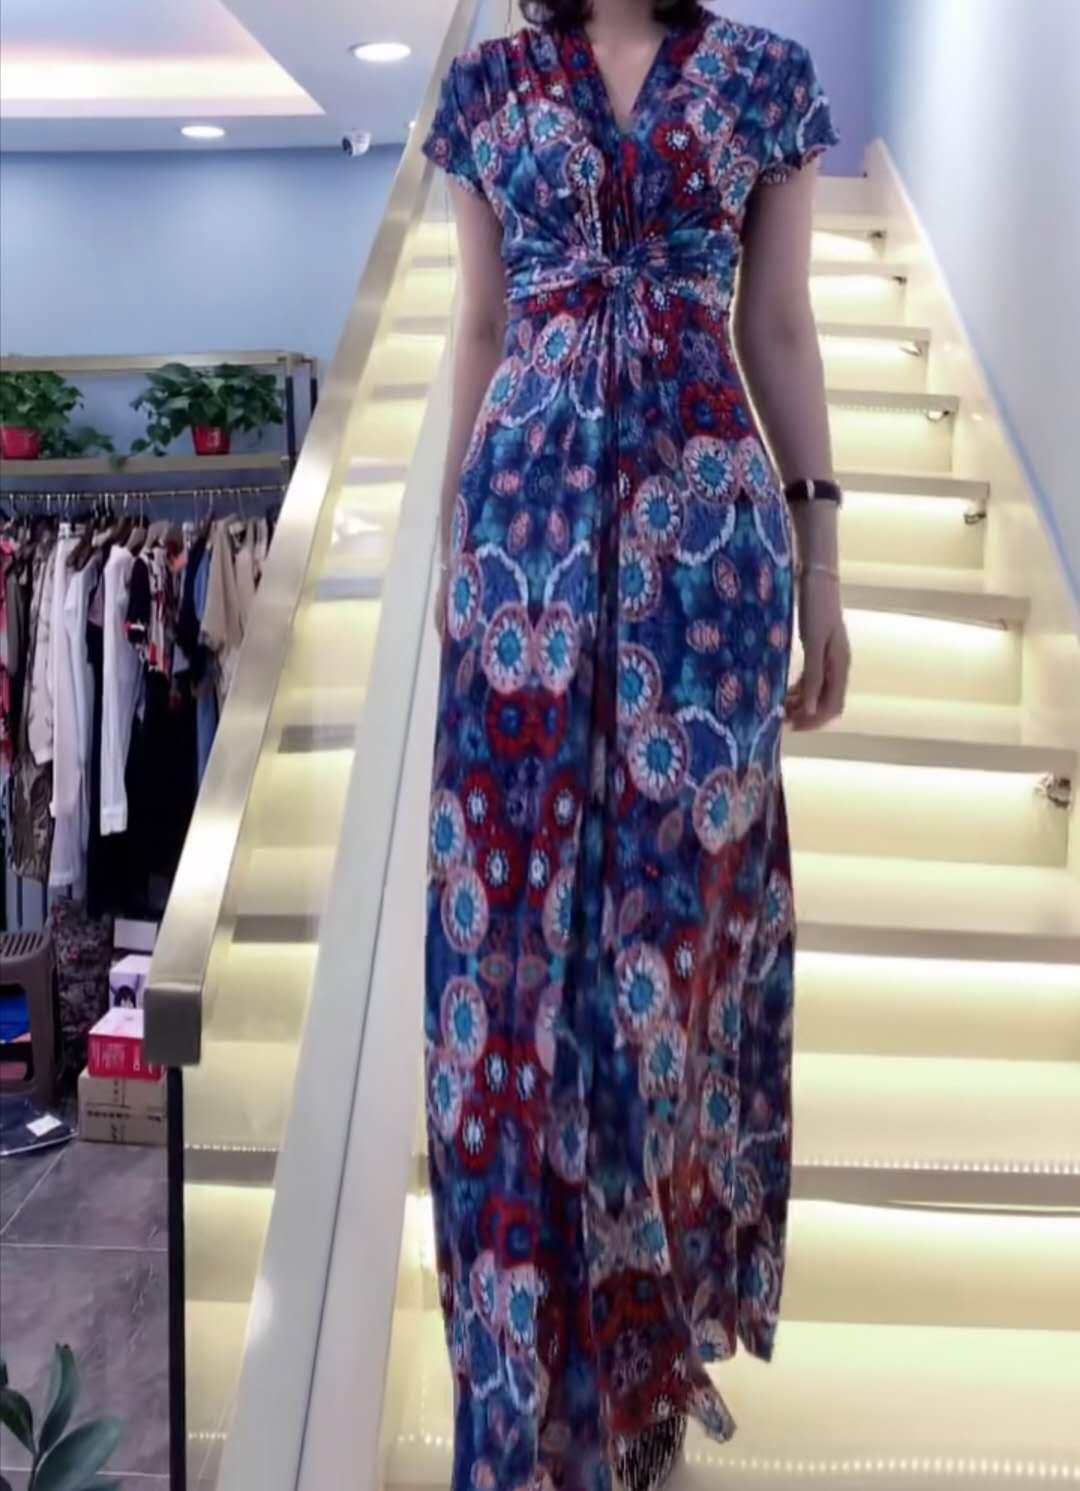 连衣裙 2020年夏季新款韩版修身洋气显瘦时尚连衣裙017DDDAF_推荐淘宝好看的连衣裙